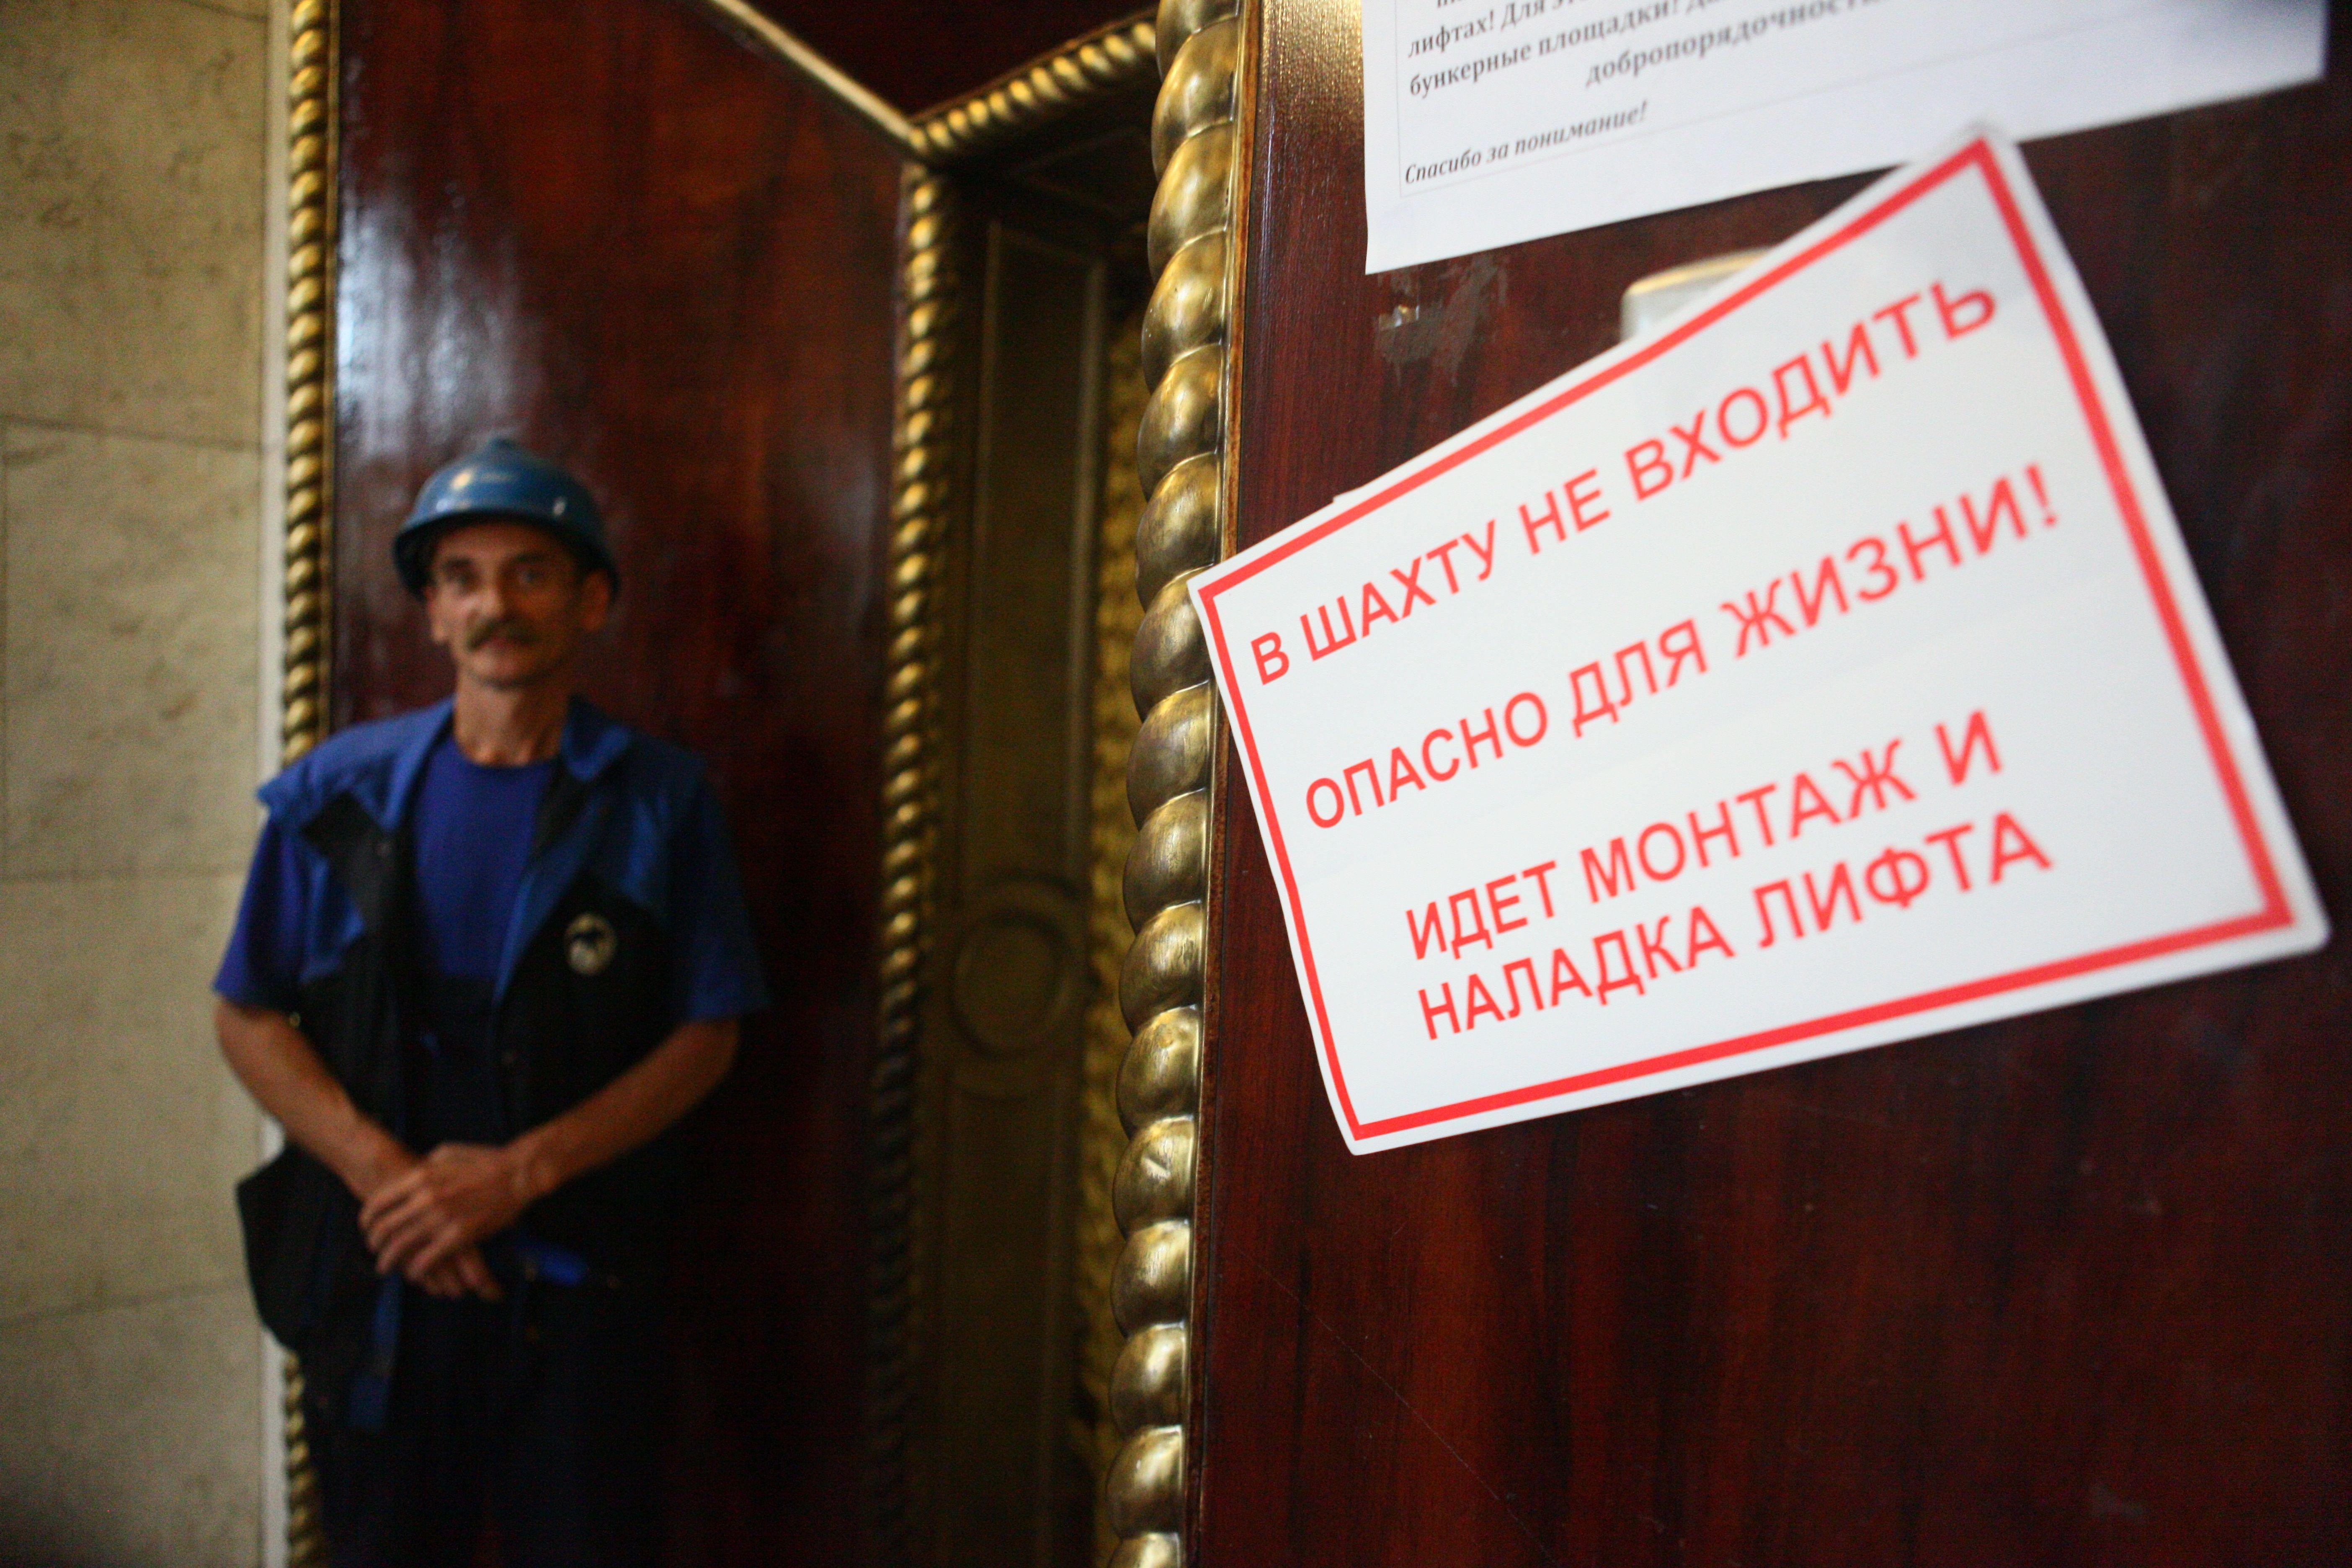 Портал «Наш город» опубликовал график замены лифтов в Москве